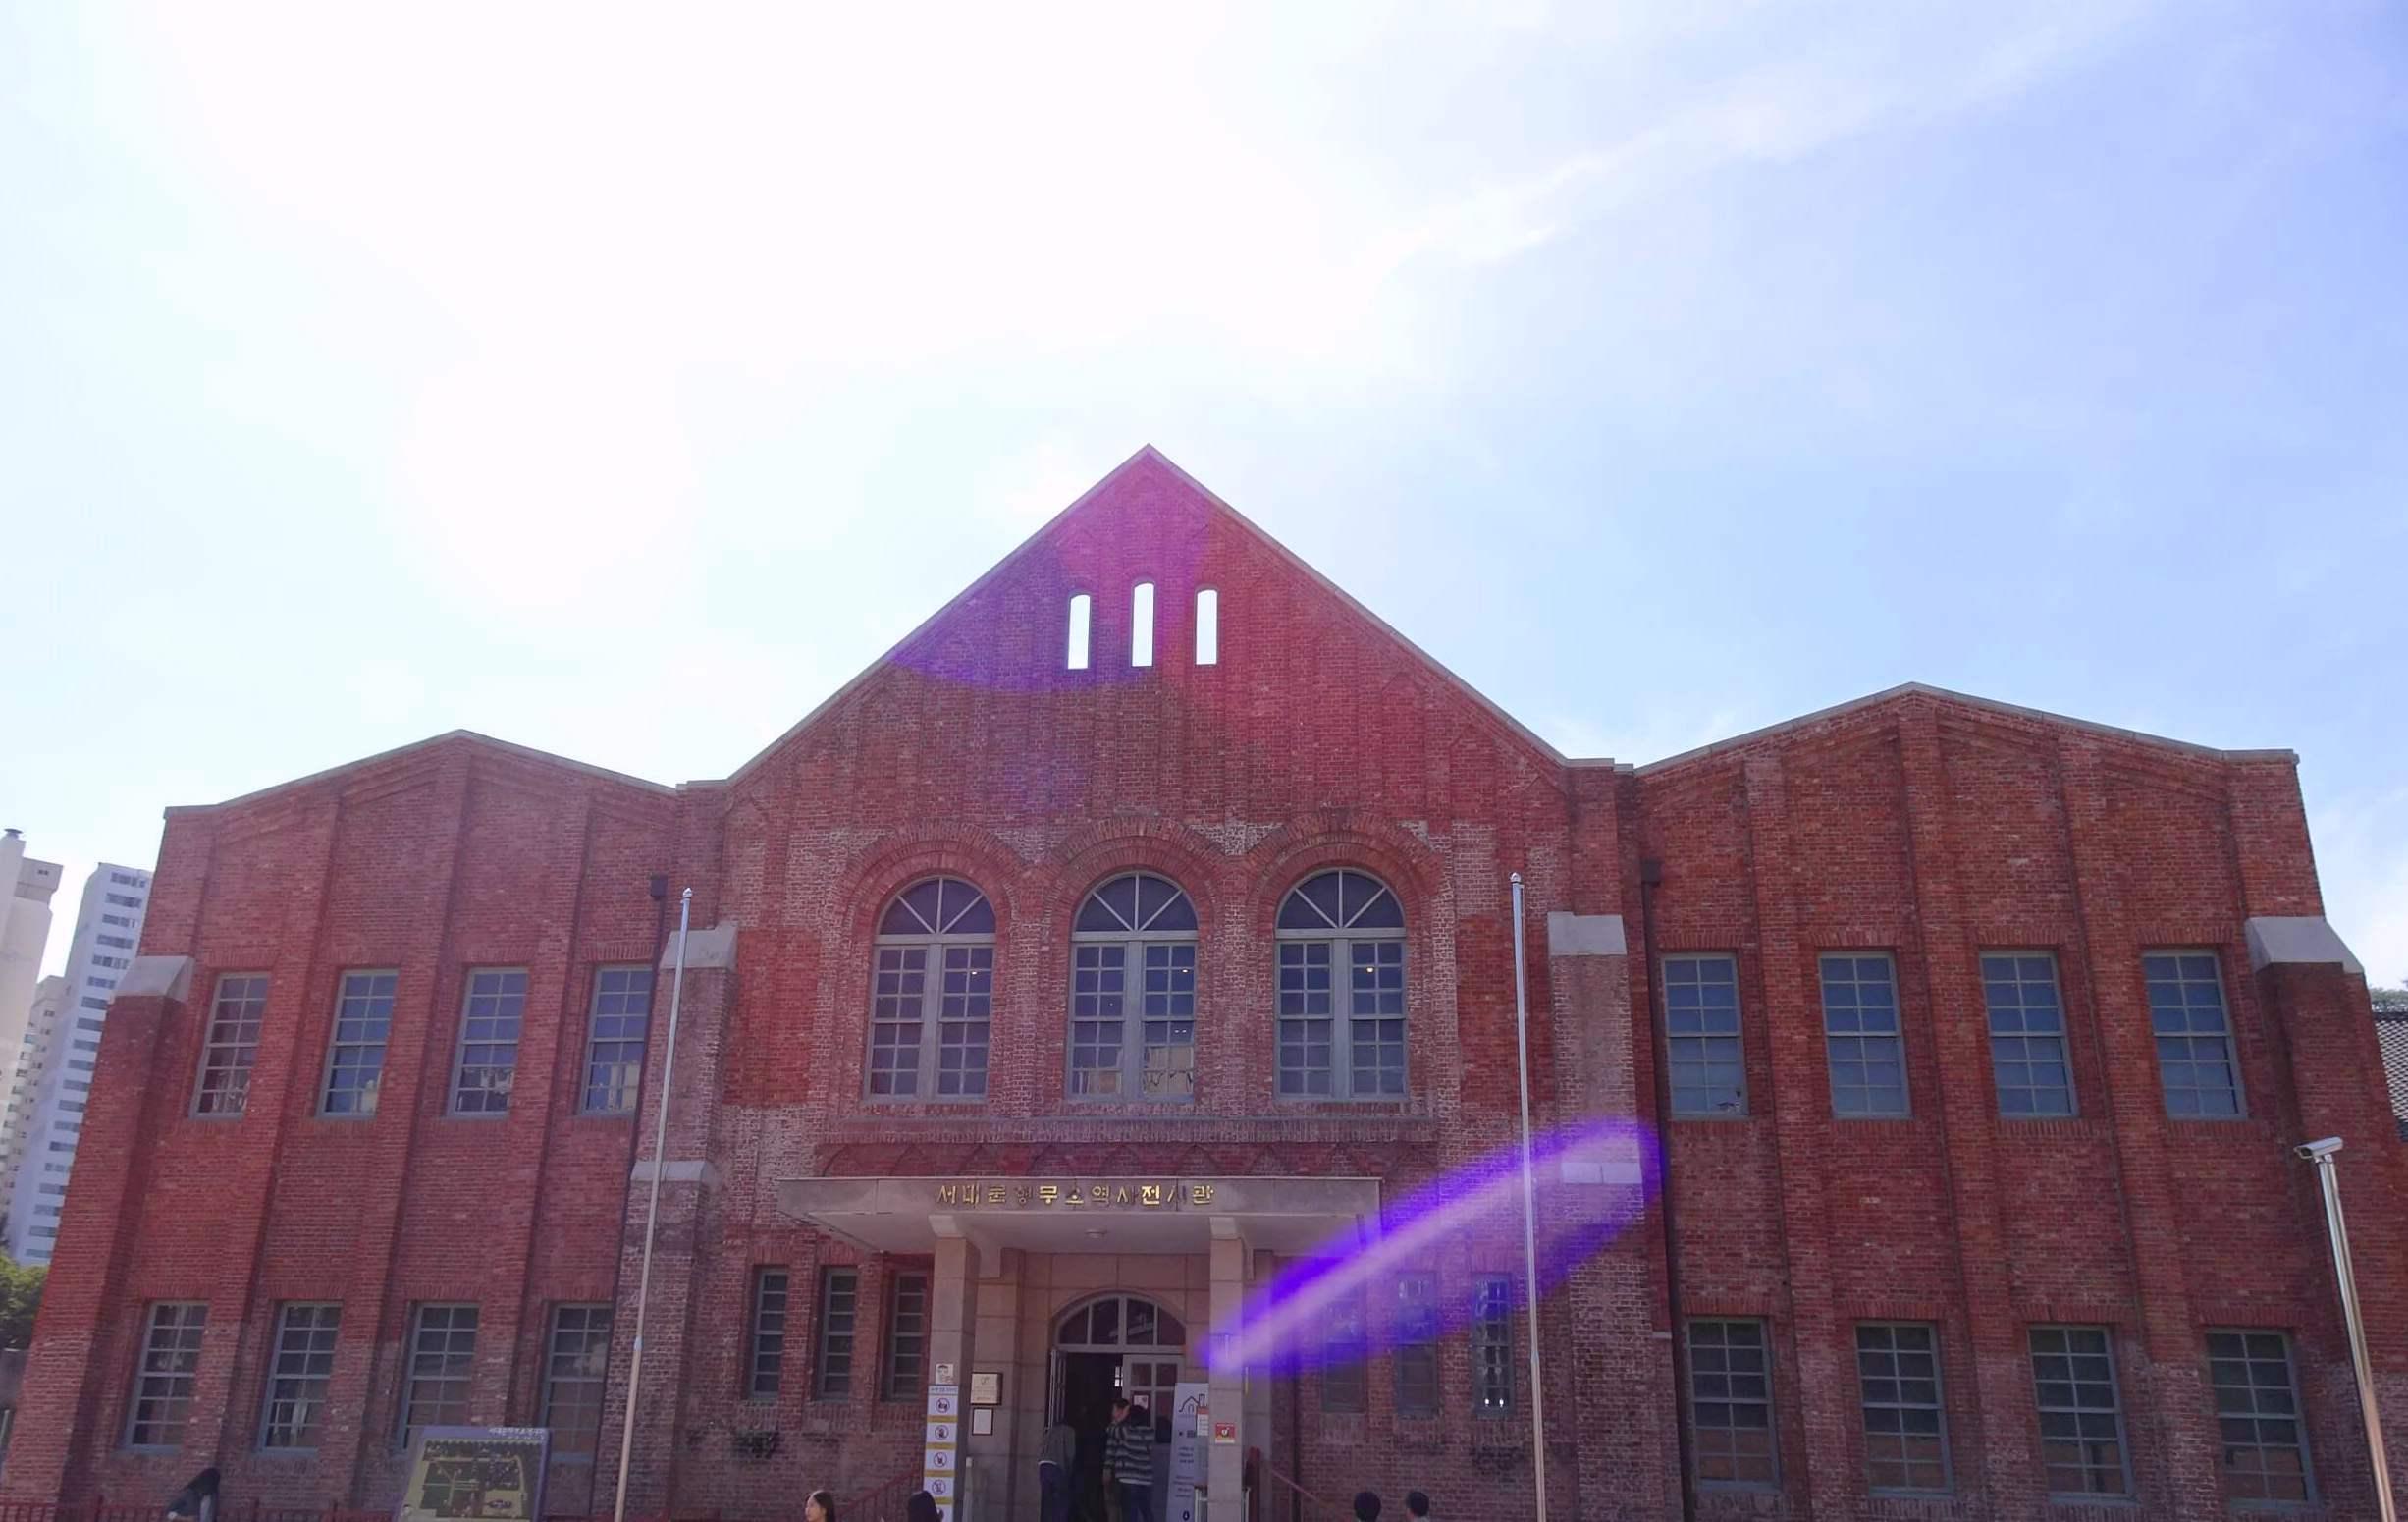 西大門刑務所の建物跡は展示館に